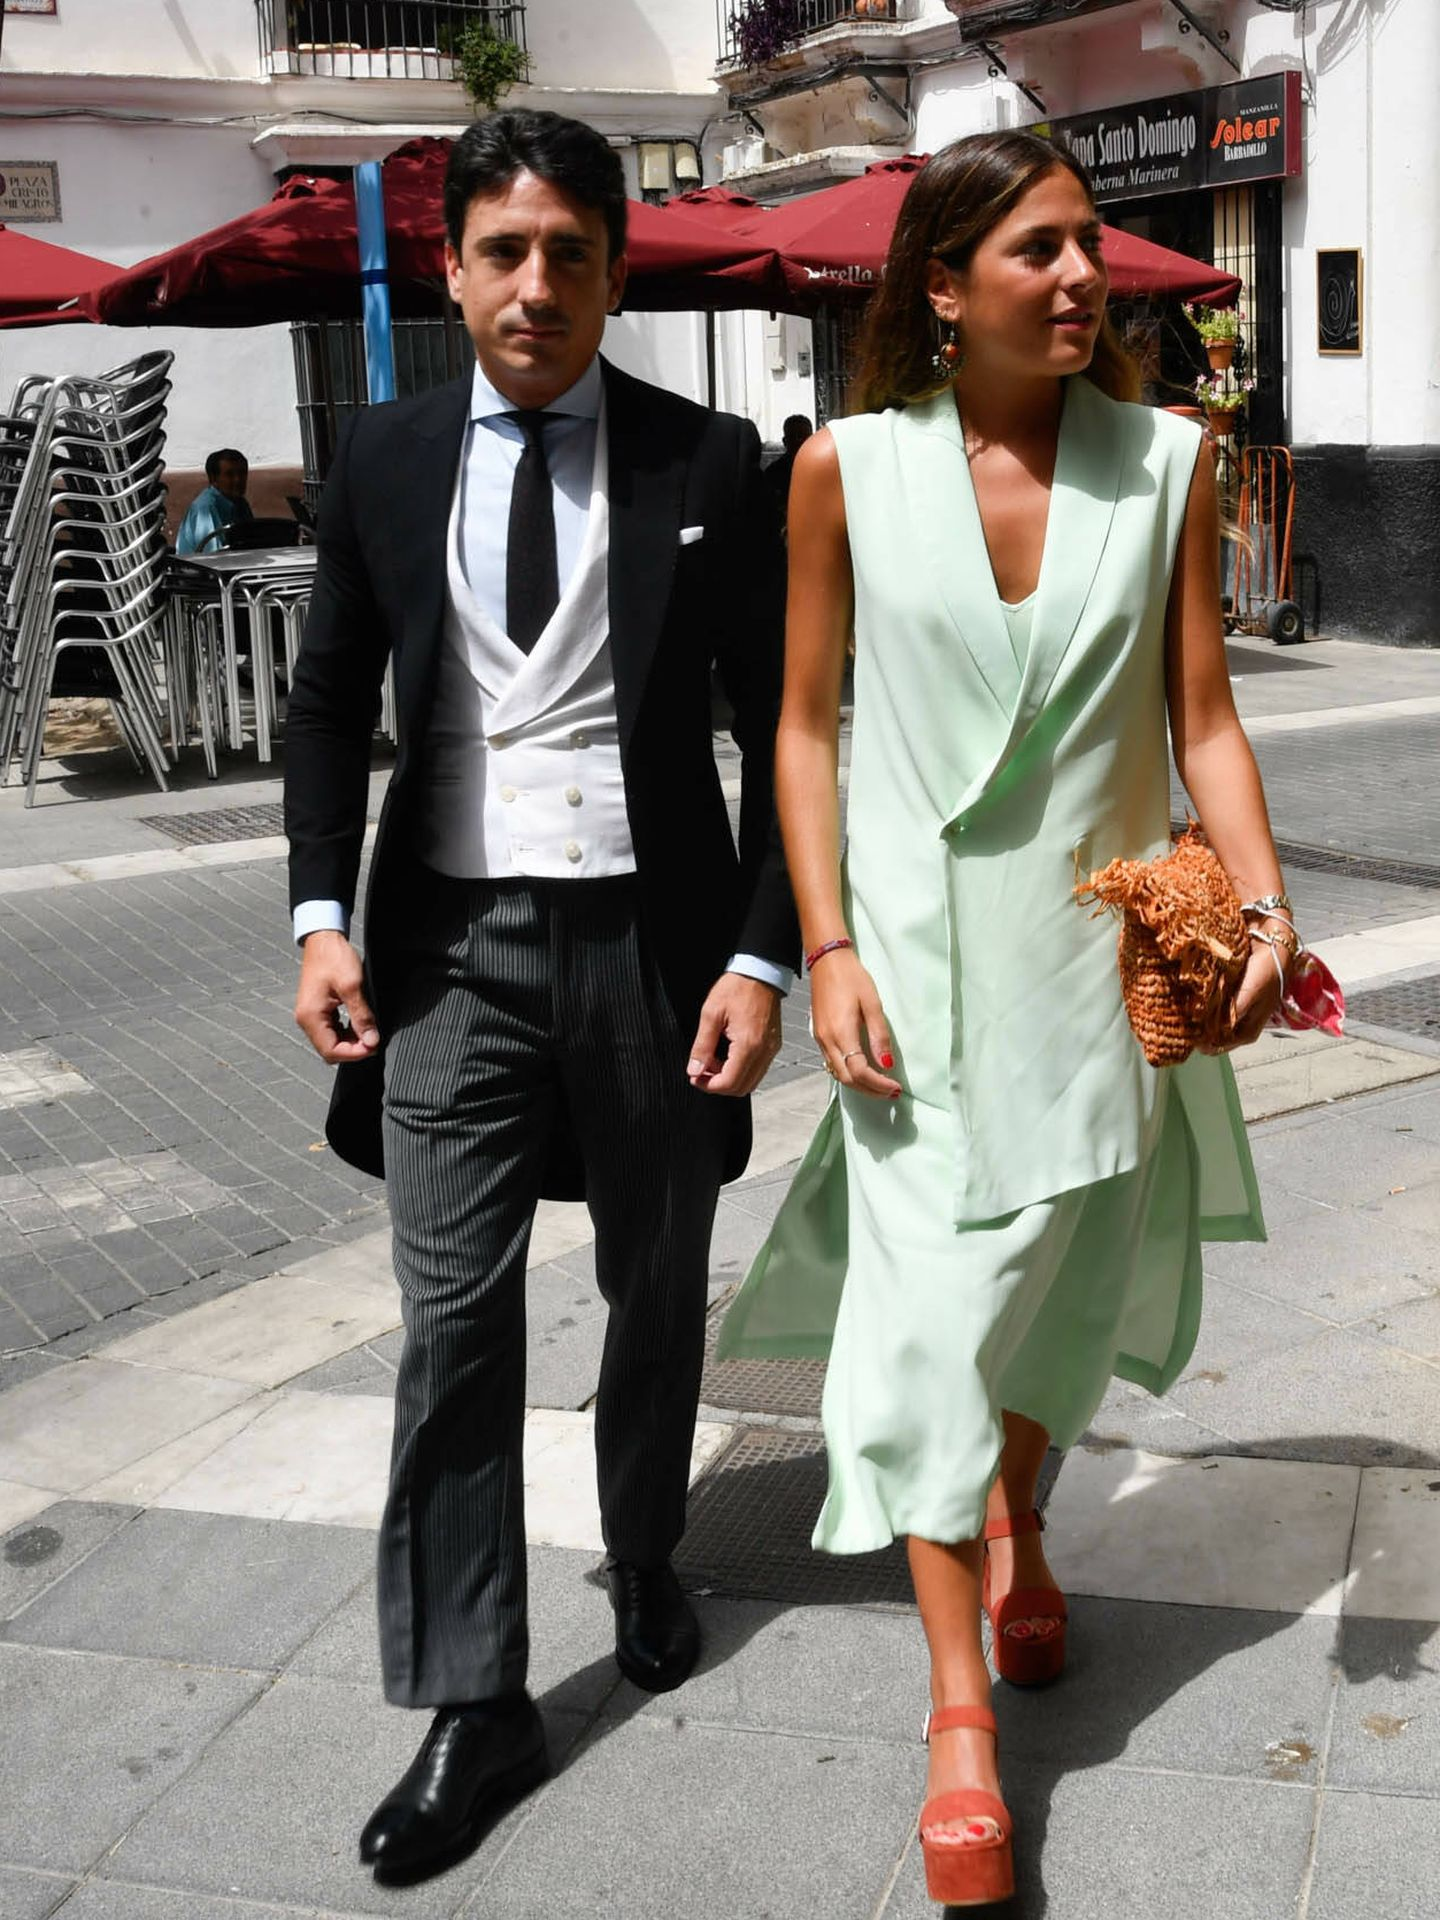 Invitados a la boda de Ymelda Bilbao. (Gtresonline)